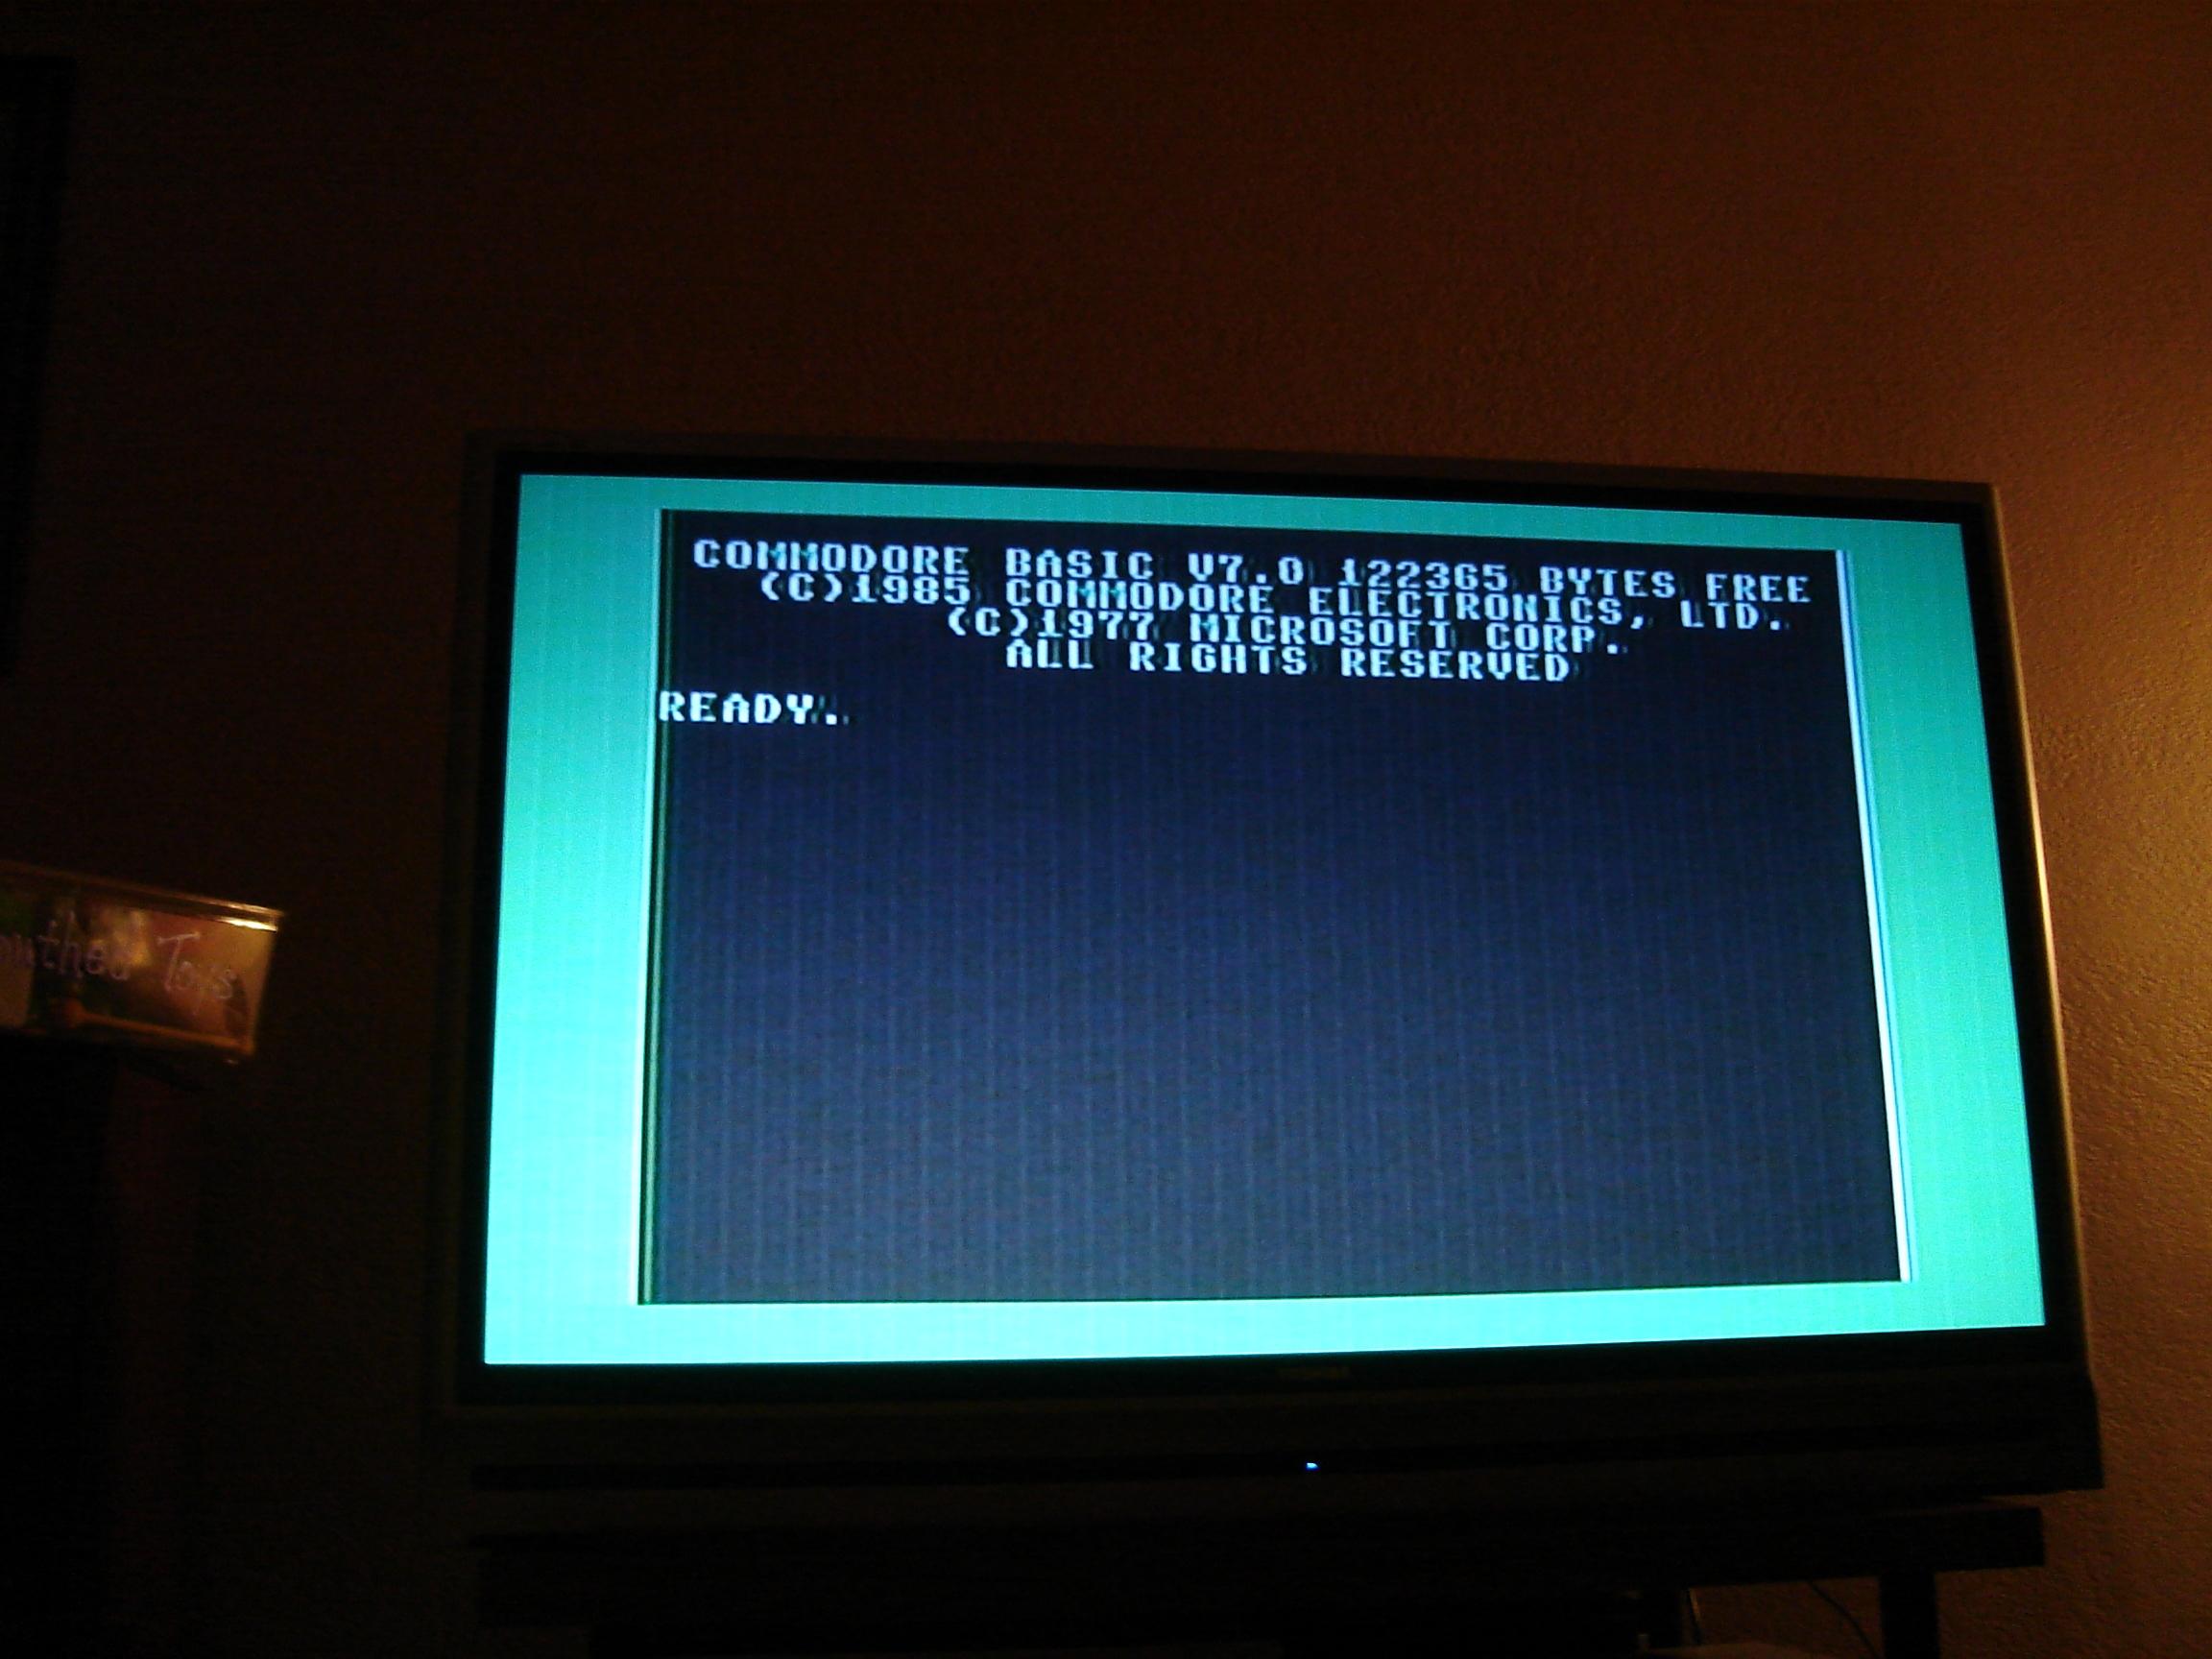 Commodore 128 startup